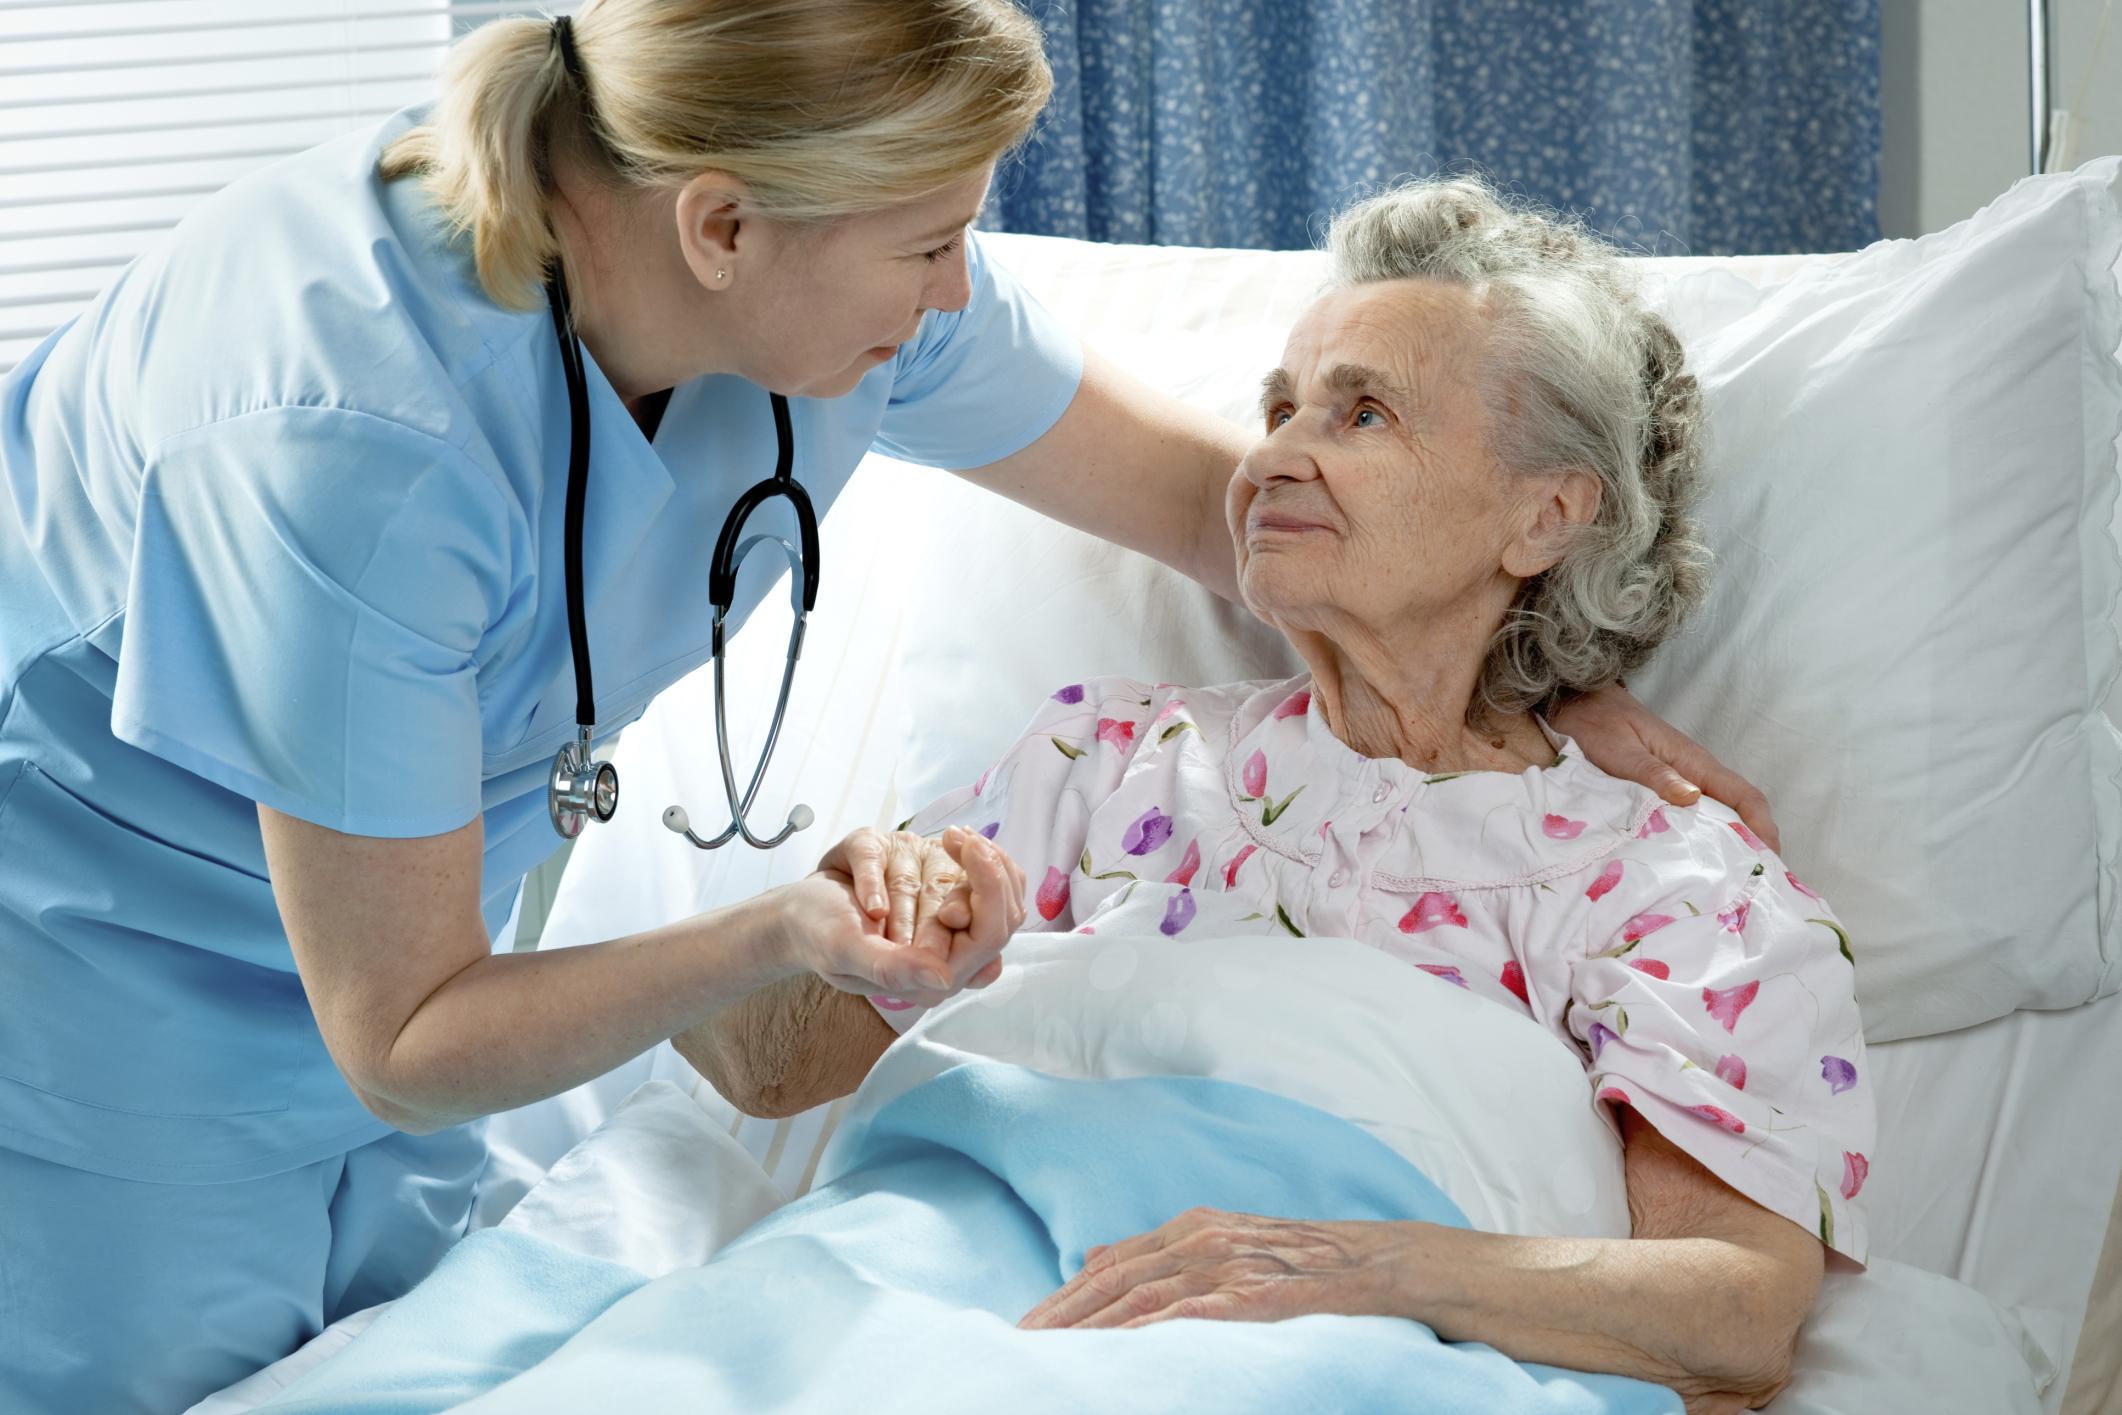 canadian-immigration-nurses.jpg